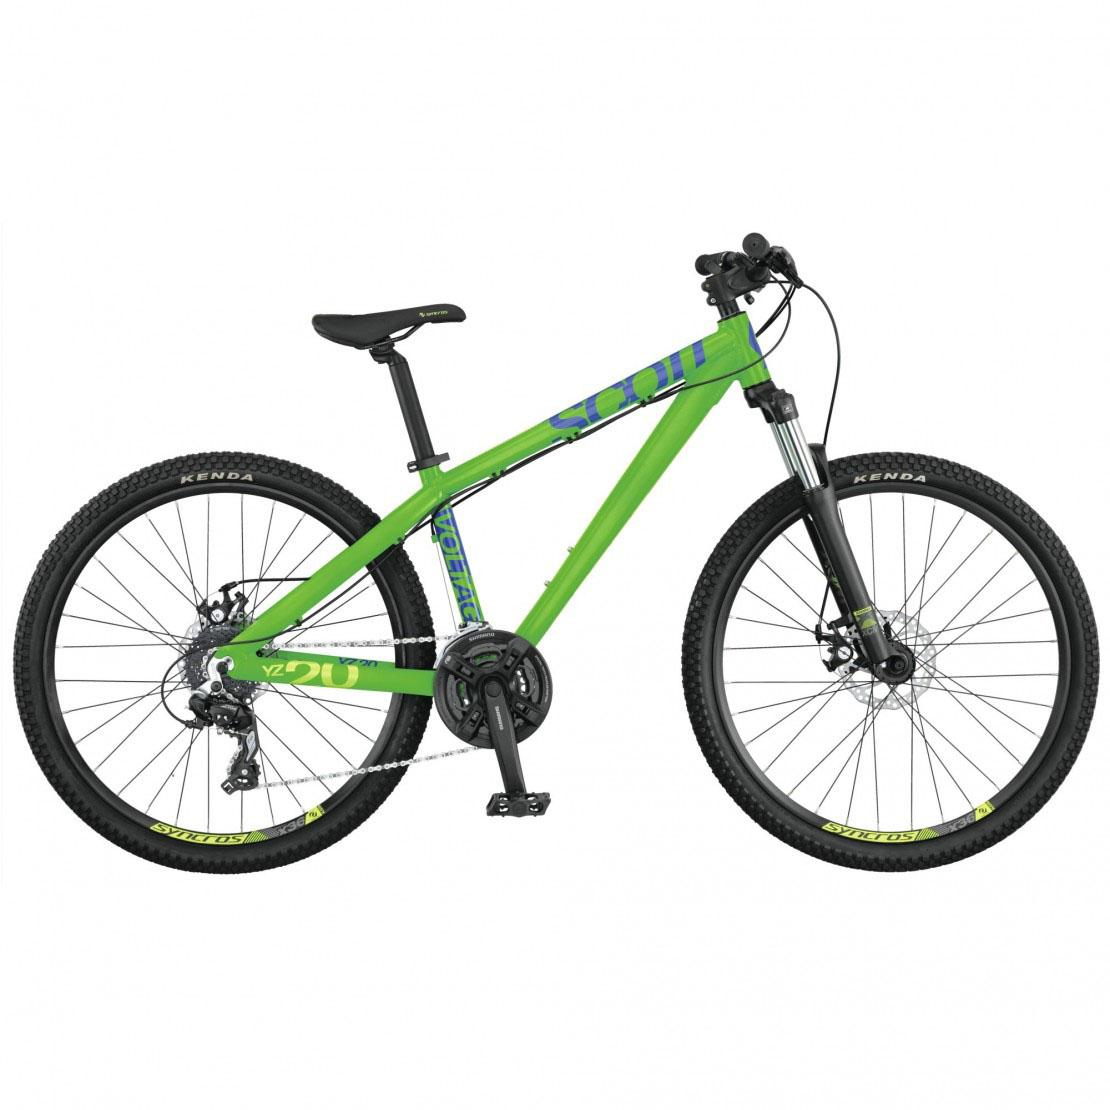 Scott Voltage YZ 20 2015 Dirt and Jump Bike